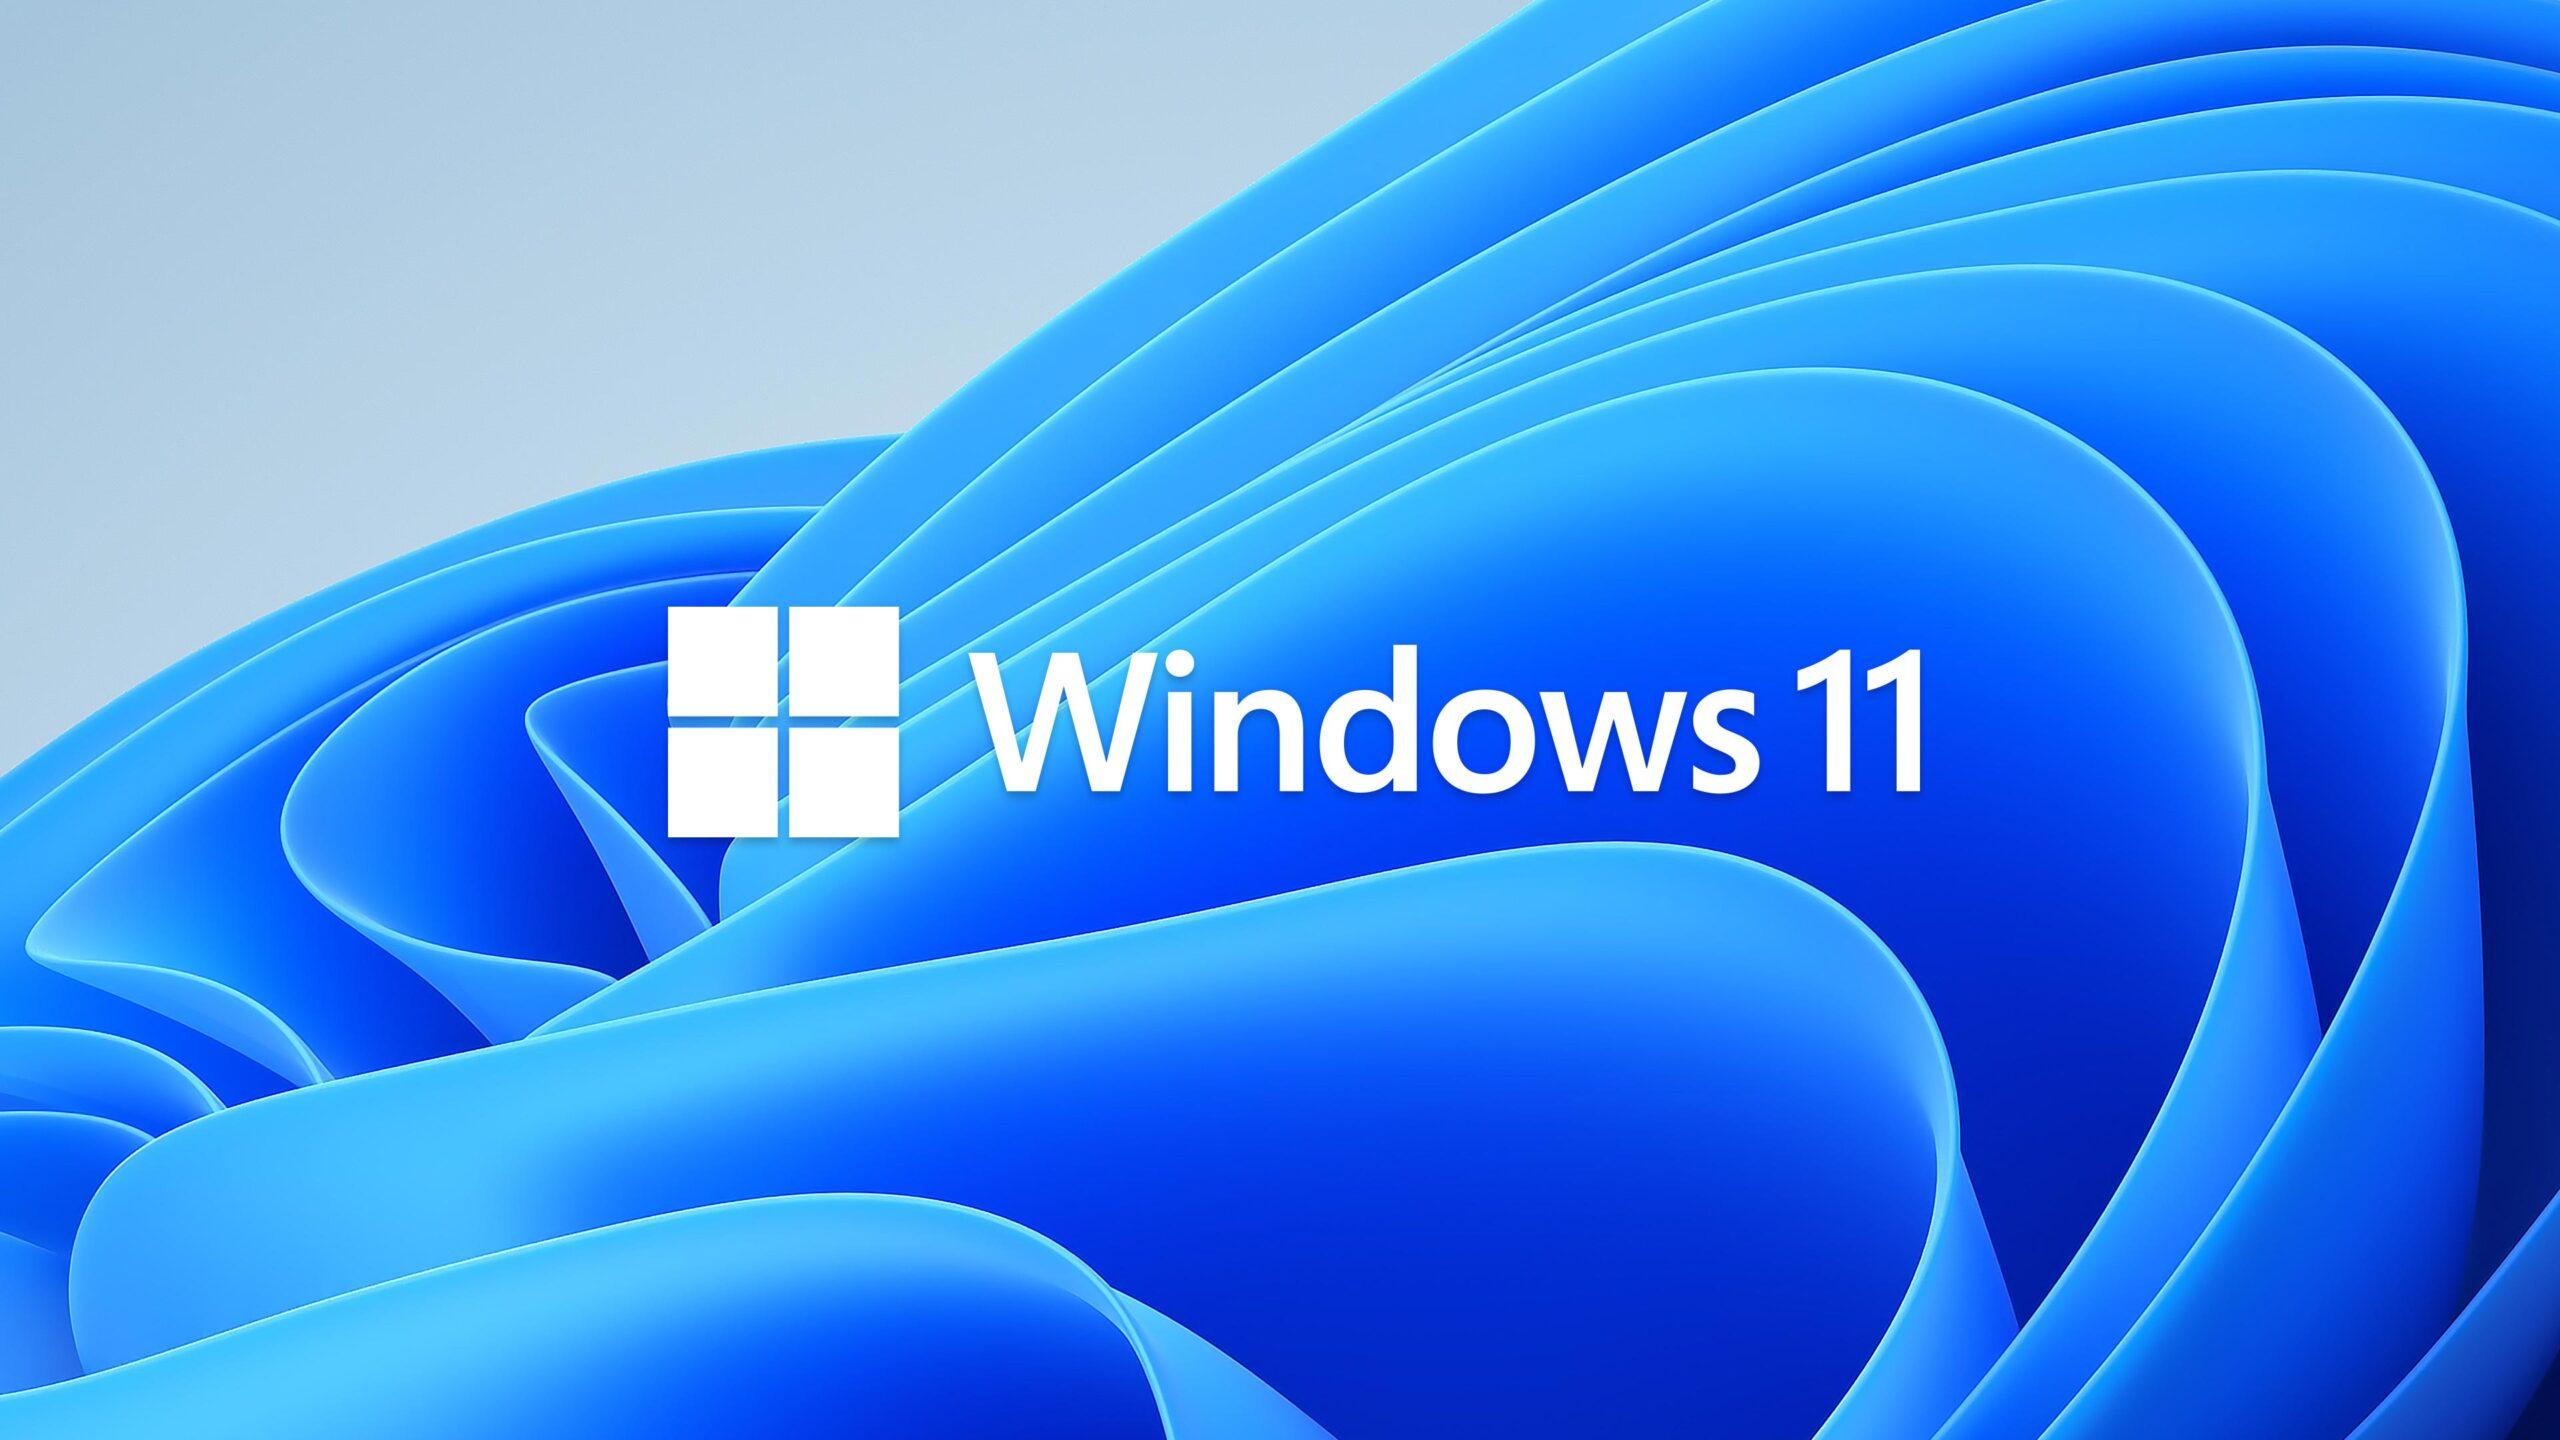 Header billede hvor der står Windows 11 på en blå baggrund